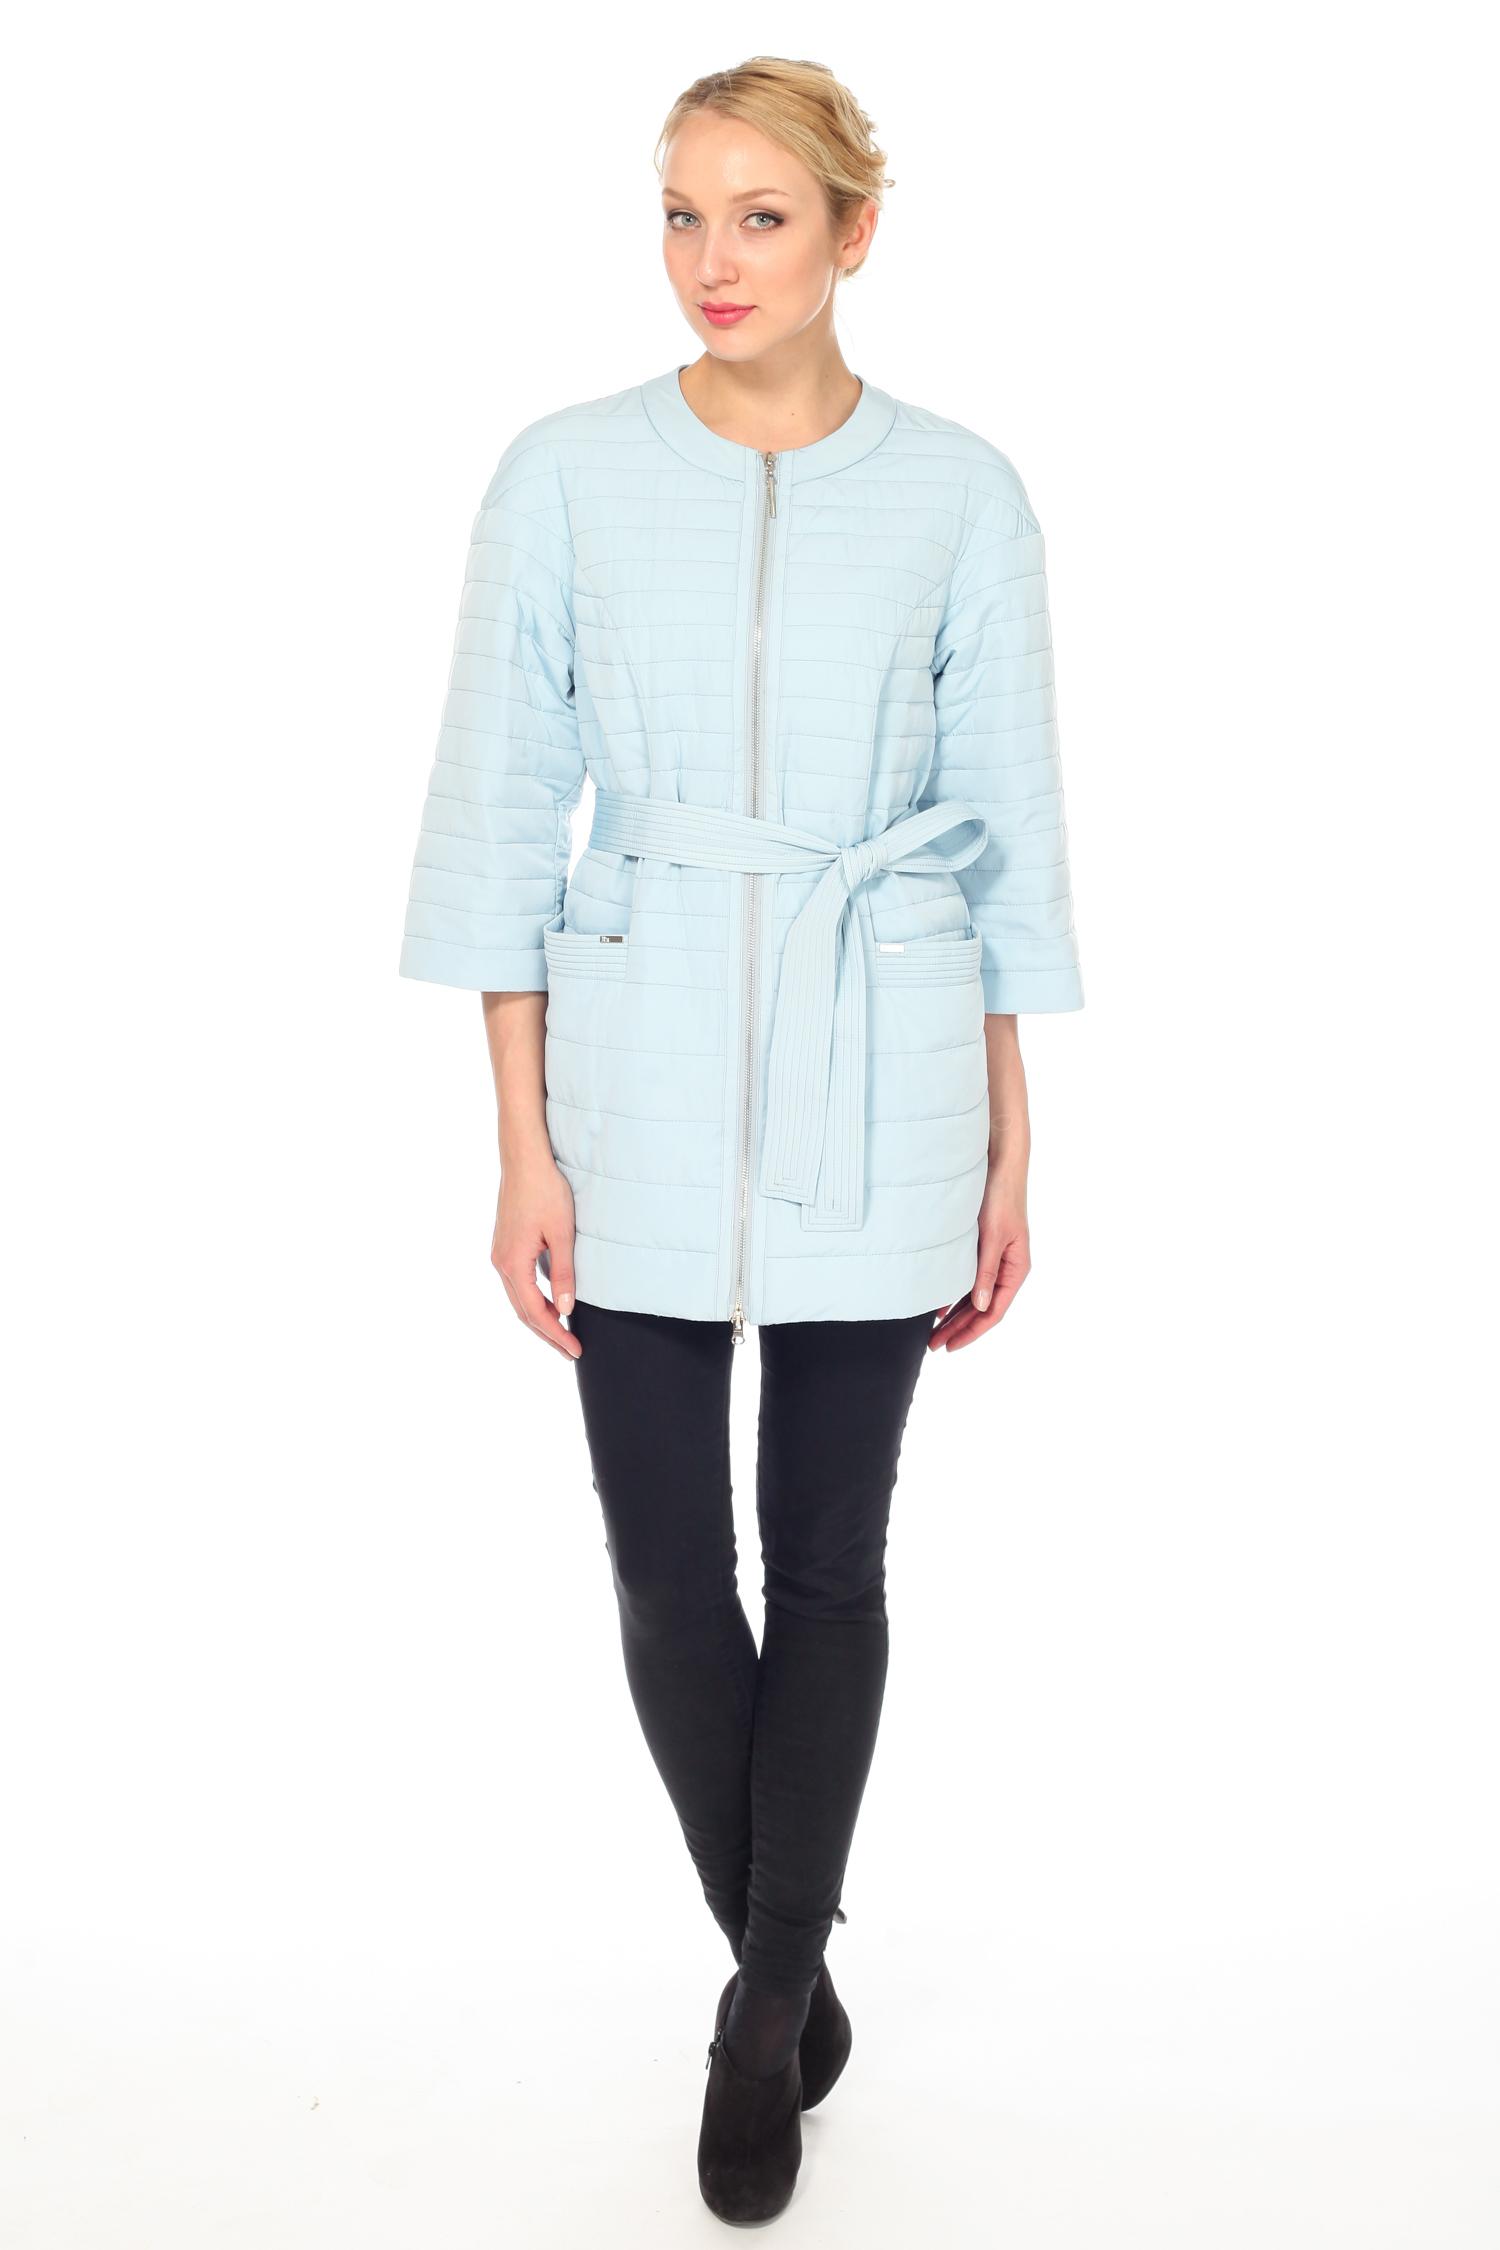 Куртка женская из текстиля с воротником, без отделки от Московская Меховая Компания